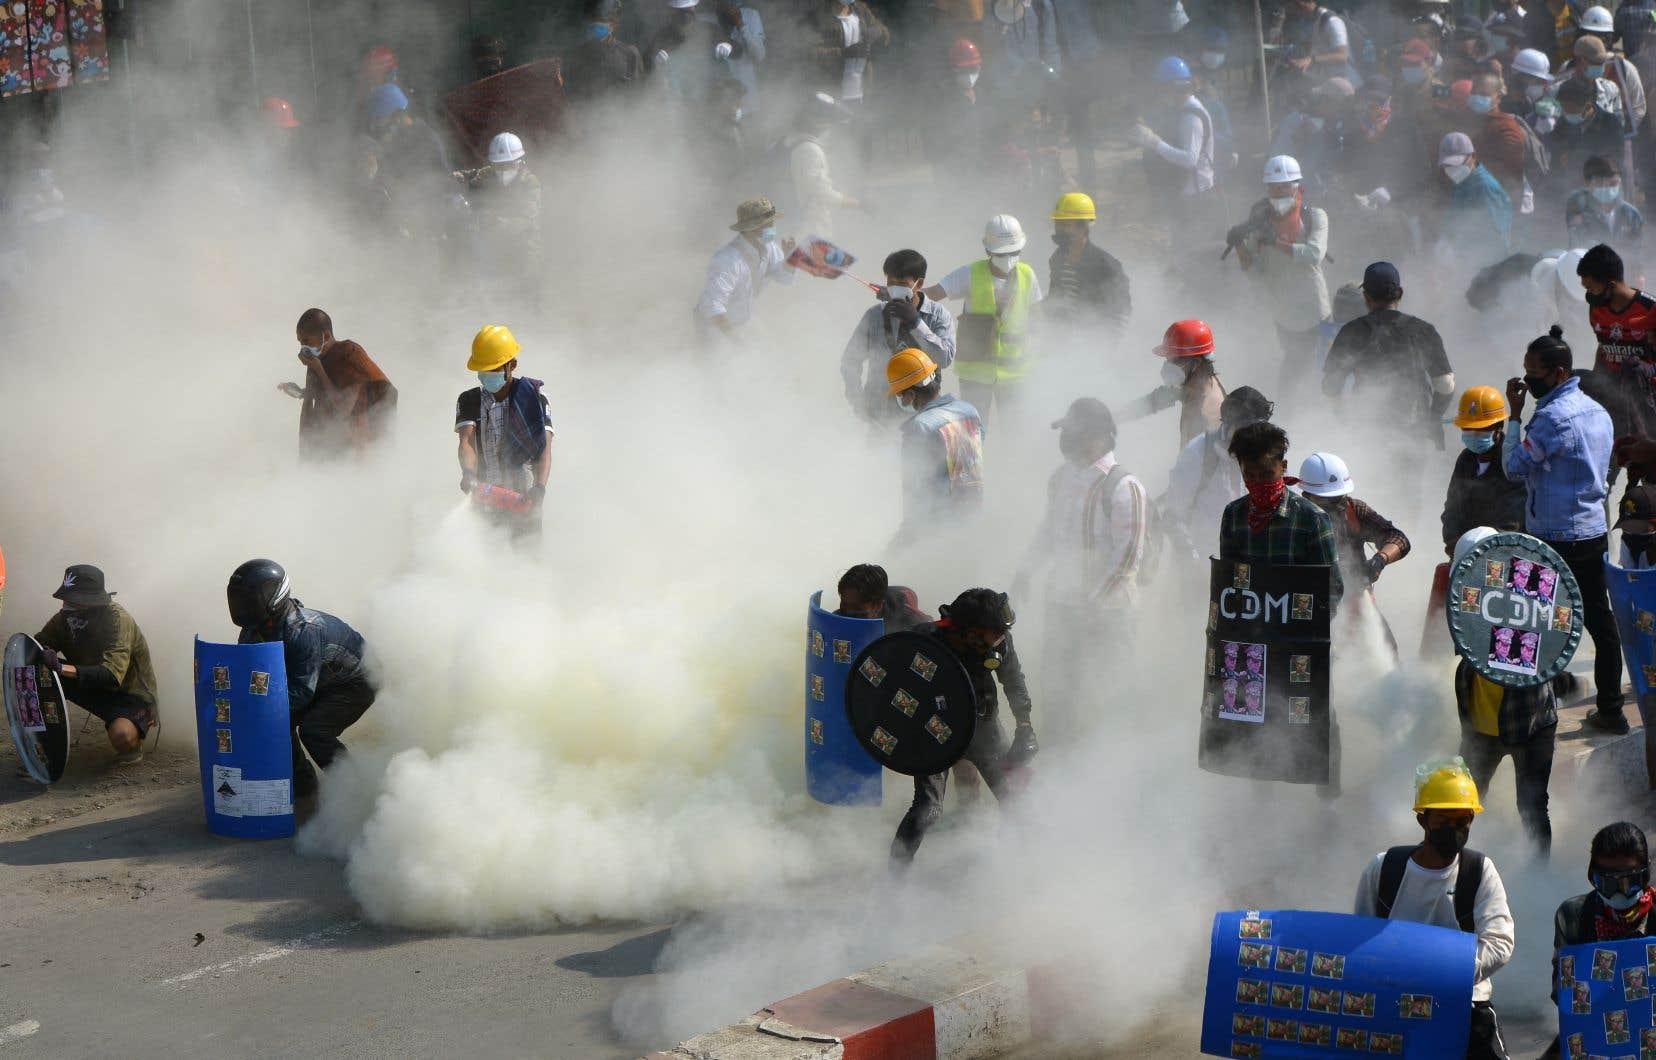 À Kale, dans le nord-ouest du pays, «une vingtaine de personnes ont été blessées» par la police et l'armée venues disperser un rassemblement, selon un secouriste.